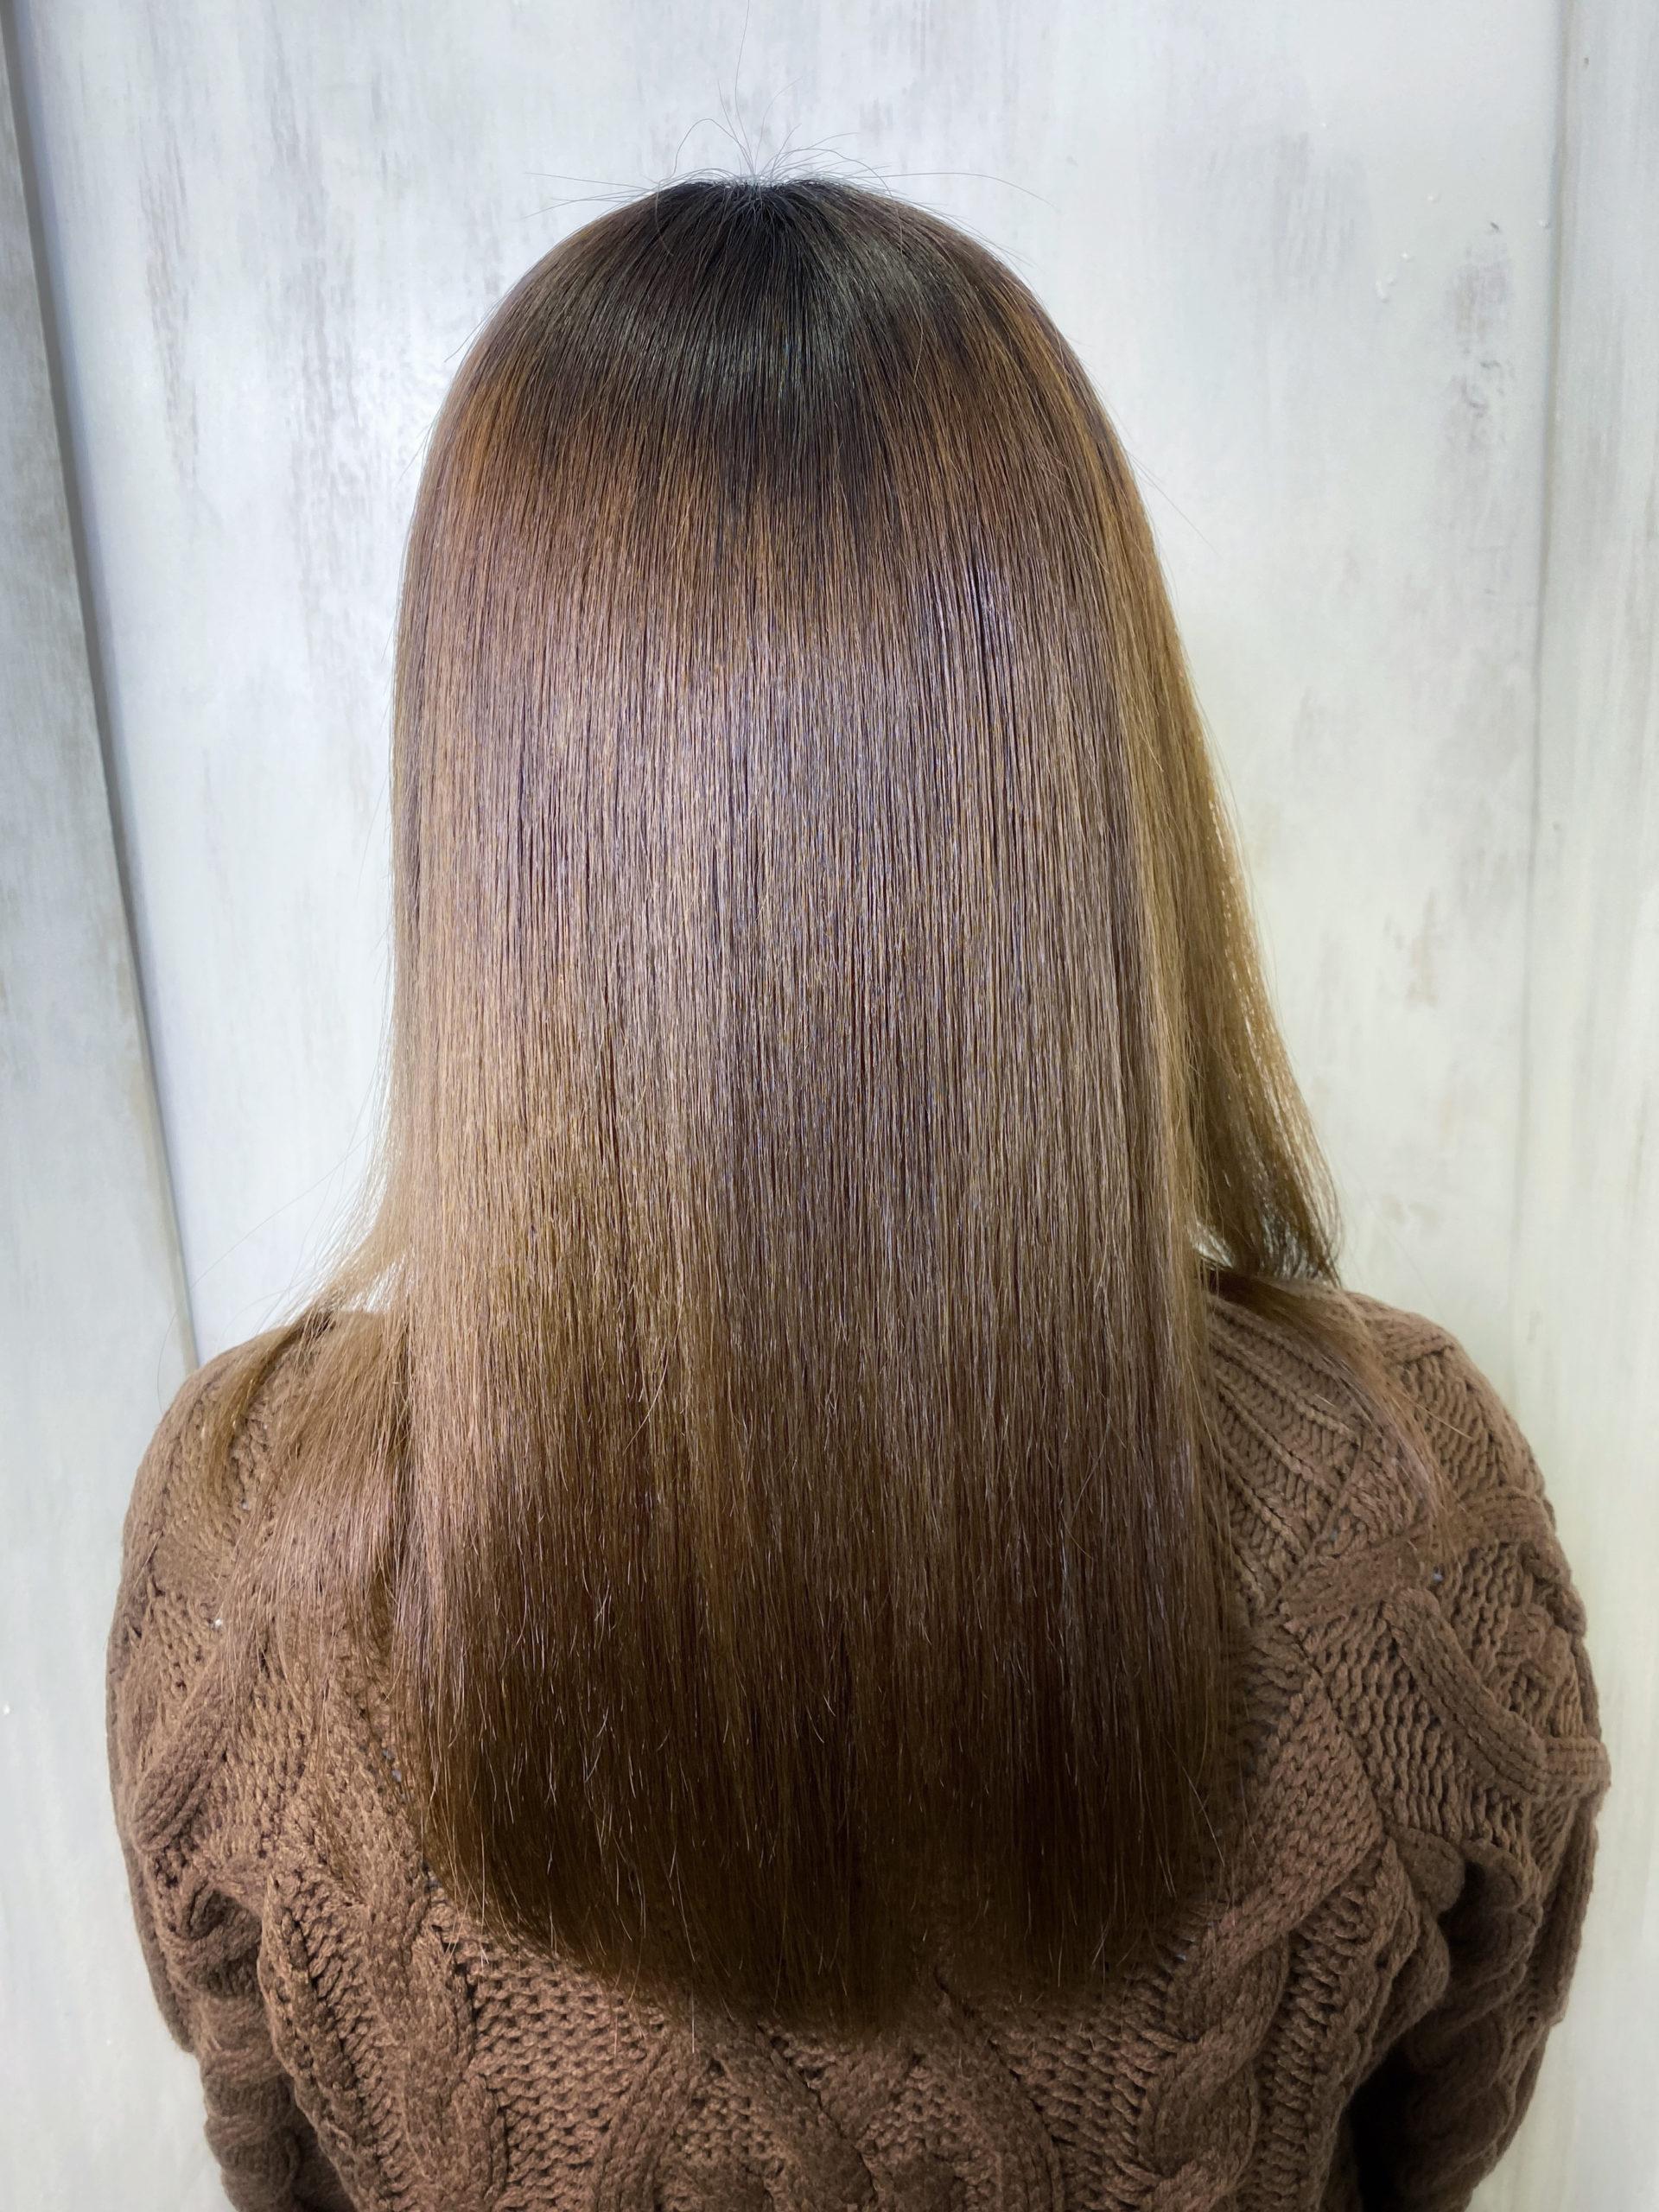 ブリーチで毛先がスカスカになった髪に縮毛矯正で艶髪ストレートヘア。原宿・表参道『髪のお悩みを解決するヘアケア美容師の挑戦』